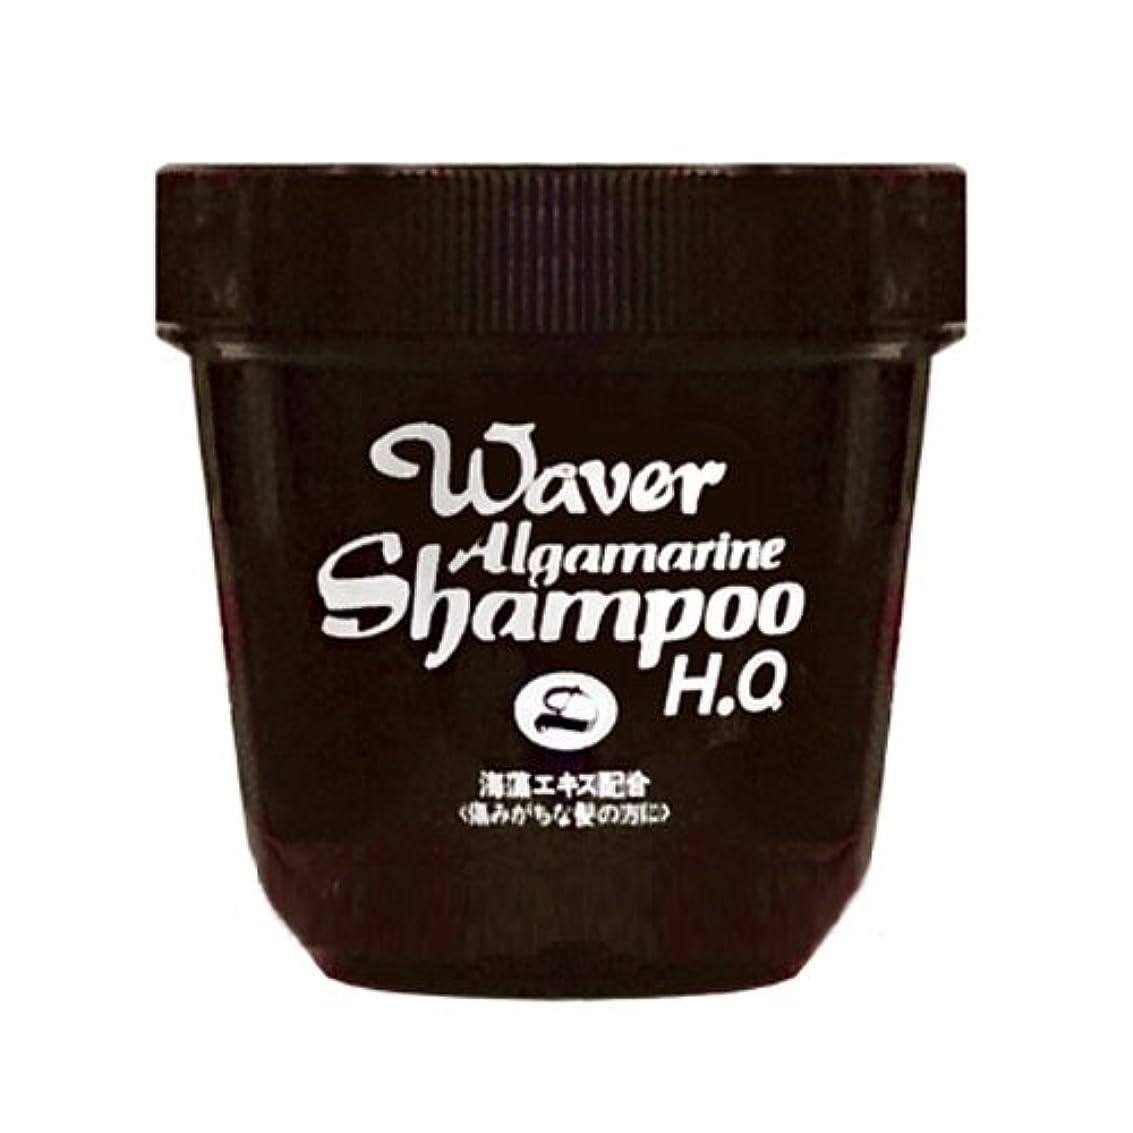 暖かくいまタンクウェーバー アルグマリーン(シャンプー) 1kg